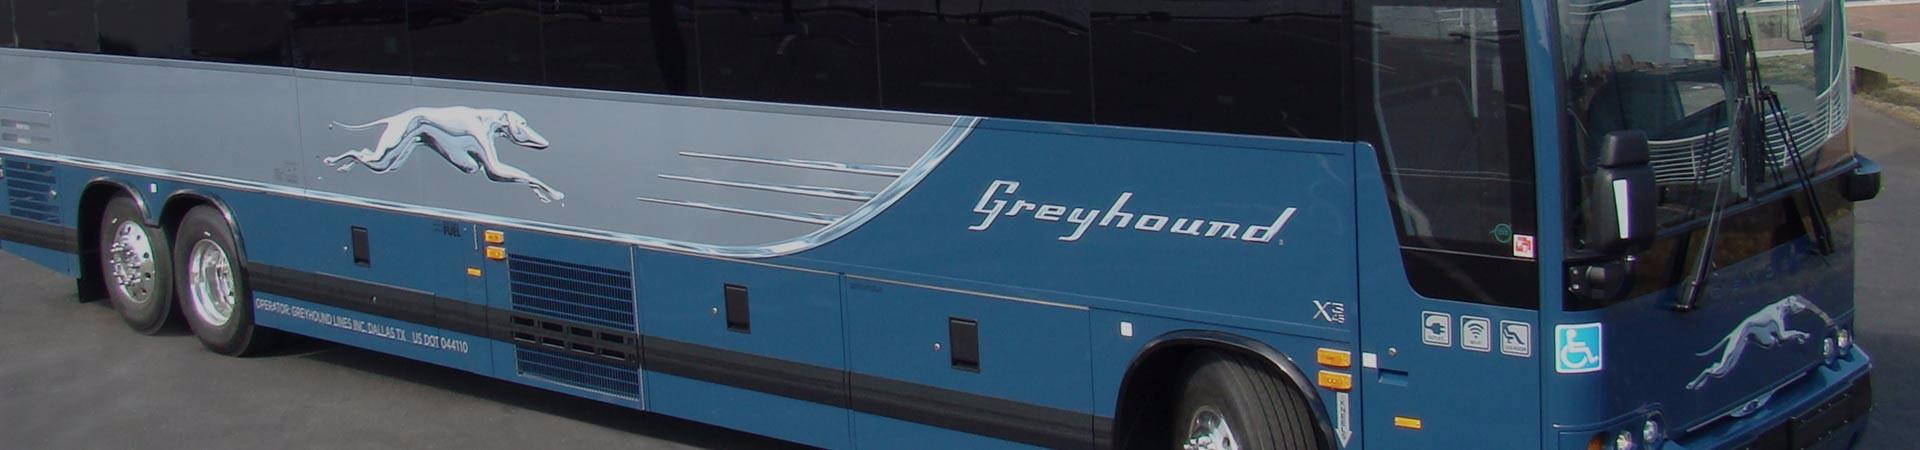 greyhound-4